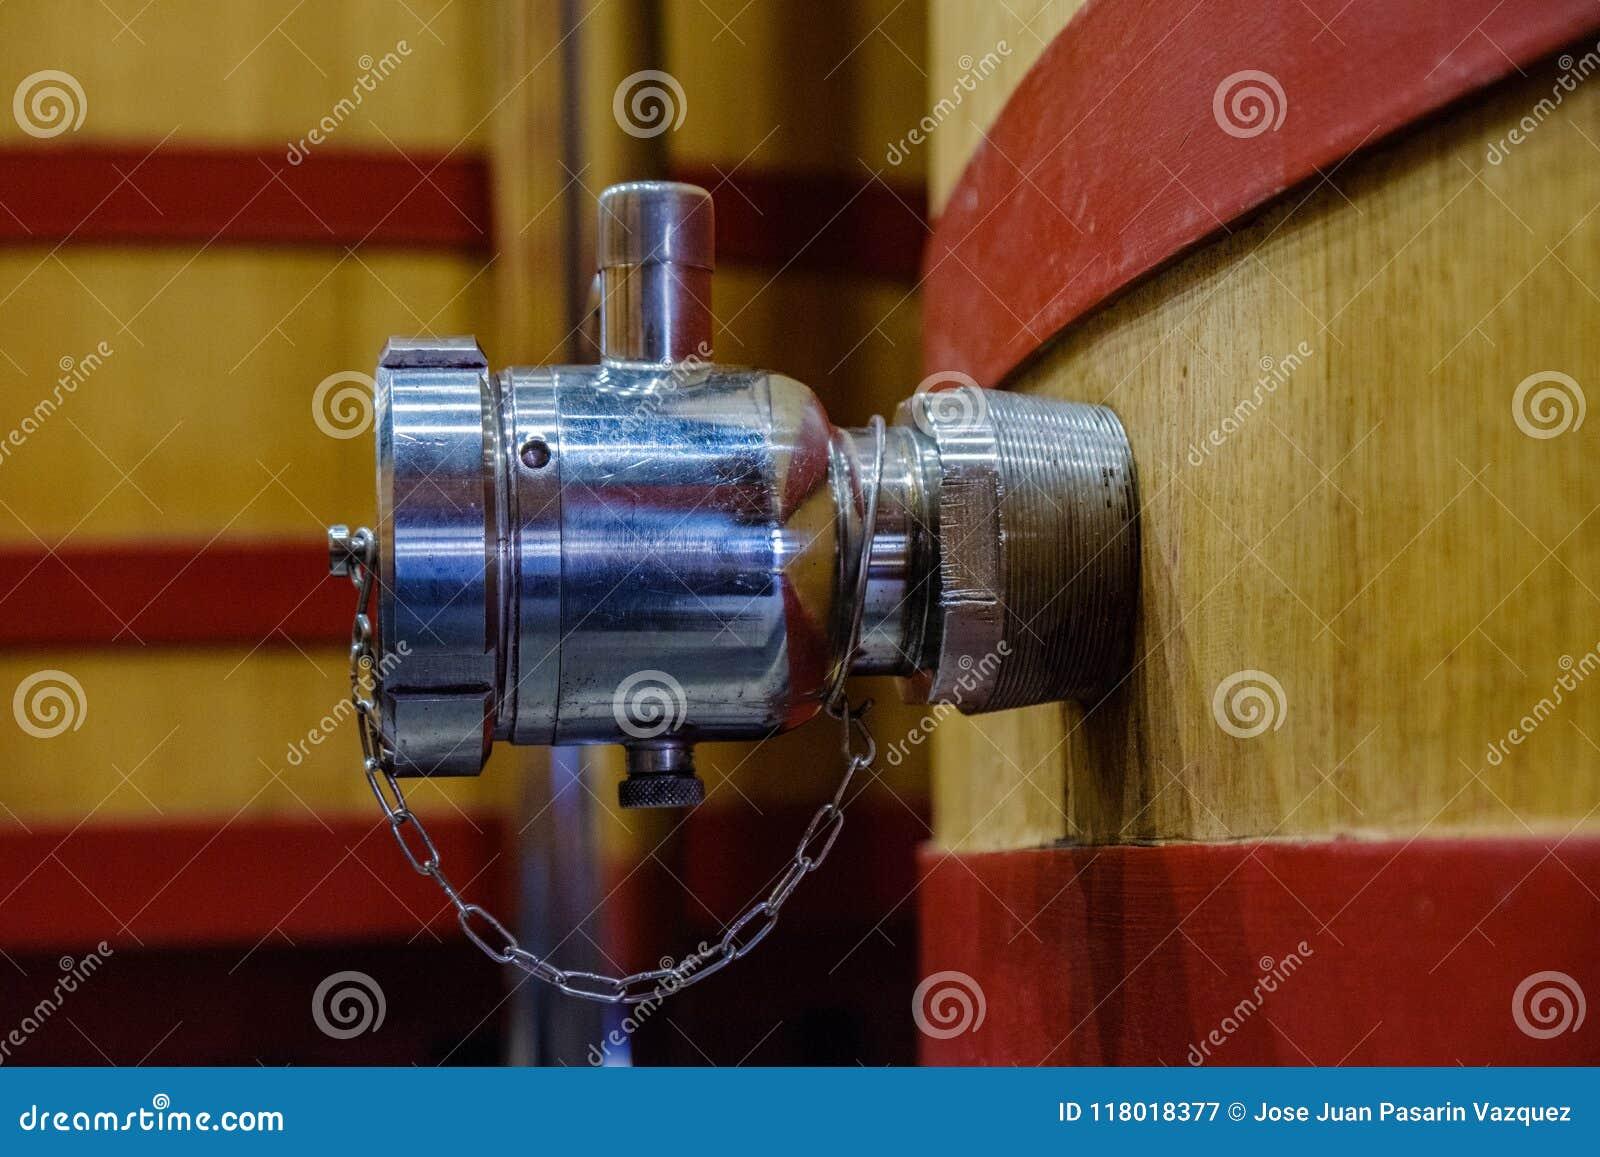 Détail d un robinet en métal pour vider un grand baril où les raisins commencent à fermenter pour devenir vin